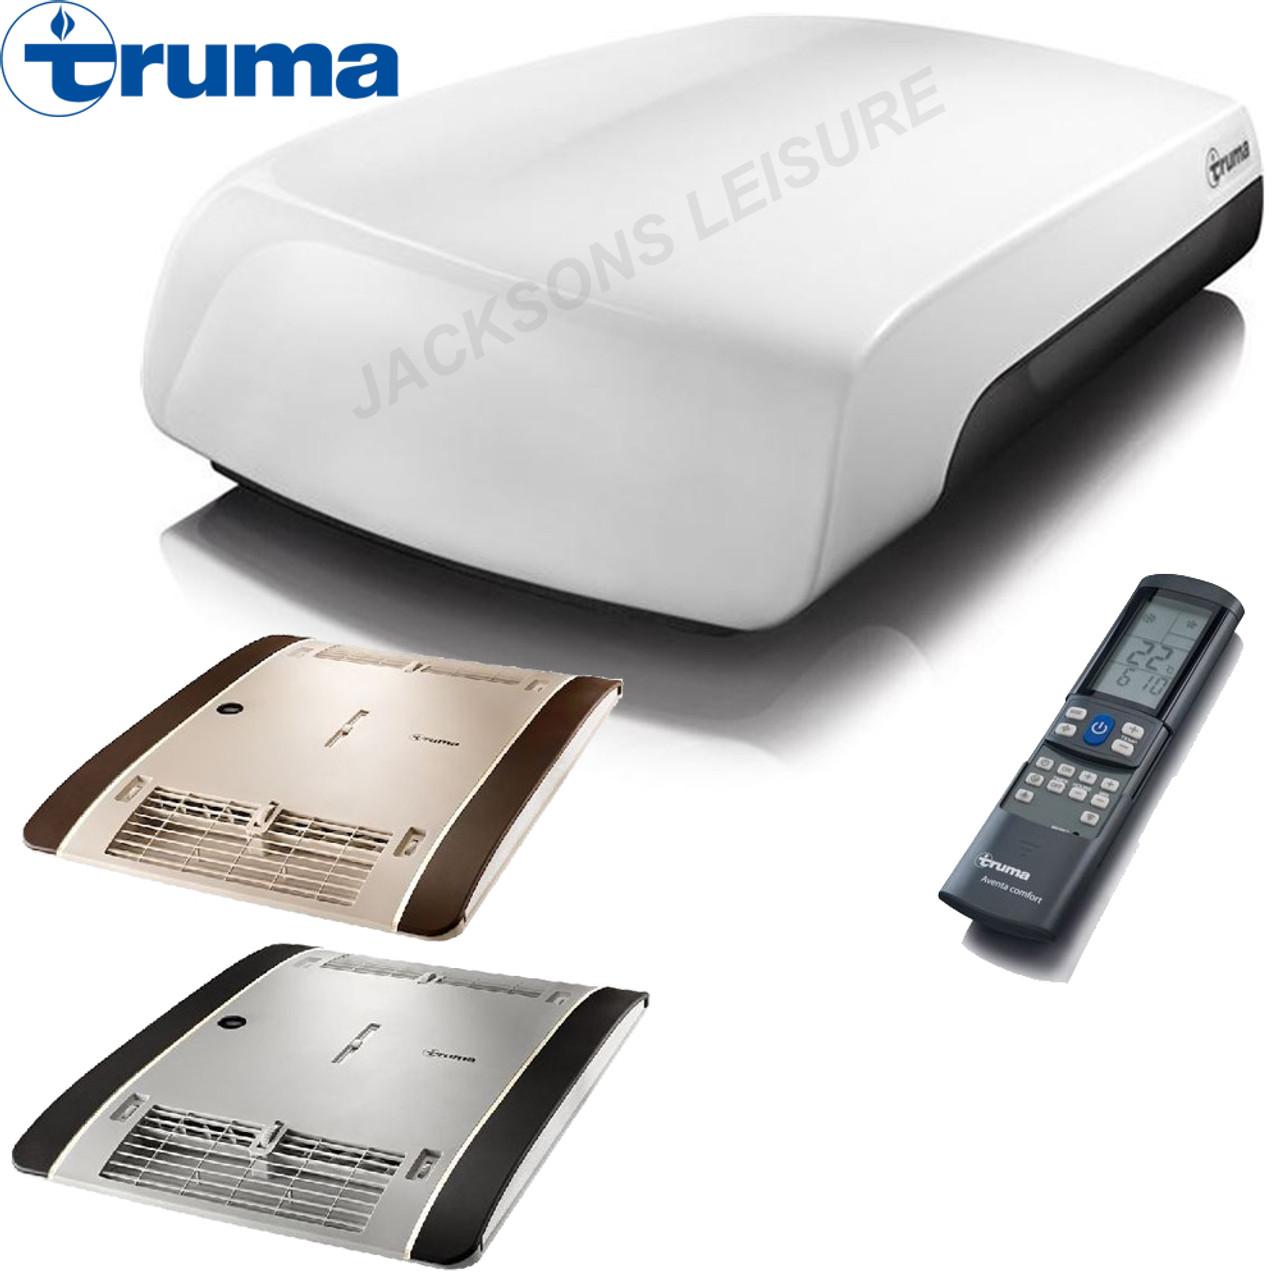 Truma Aventa Eco Air Conditioner